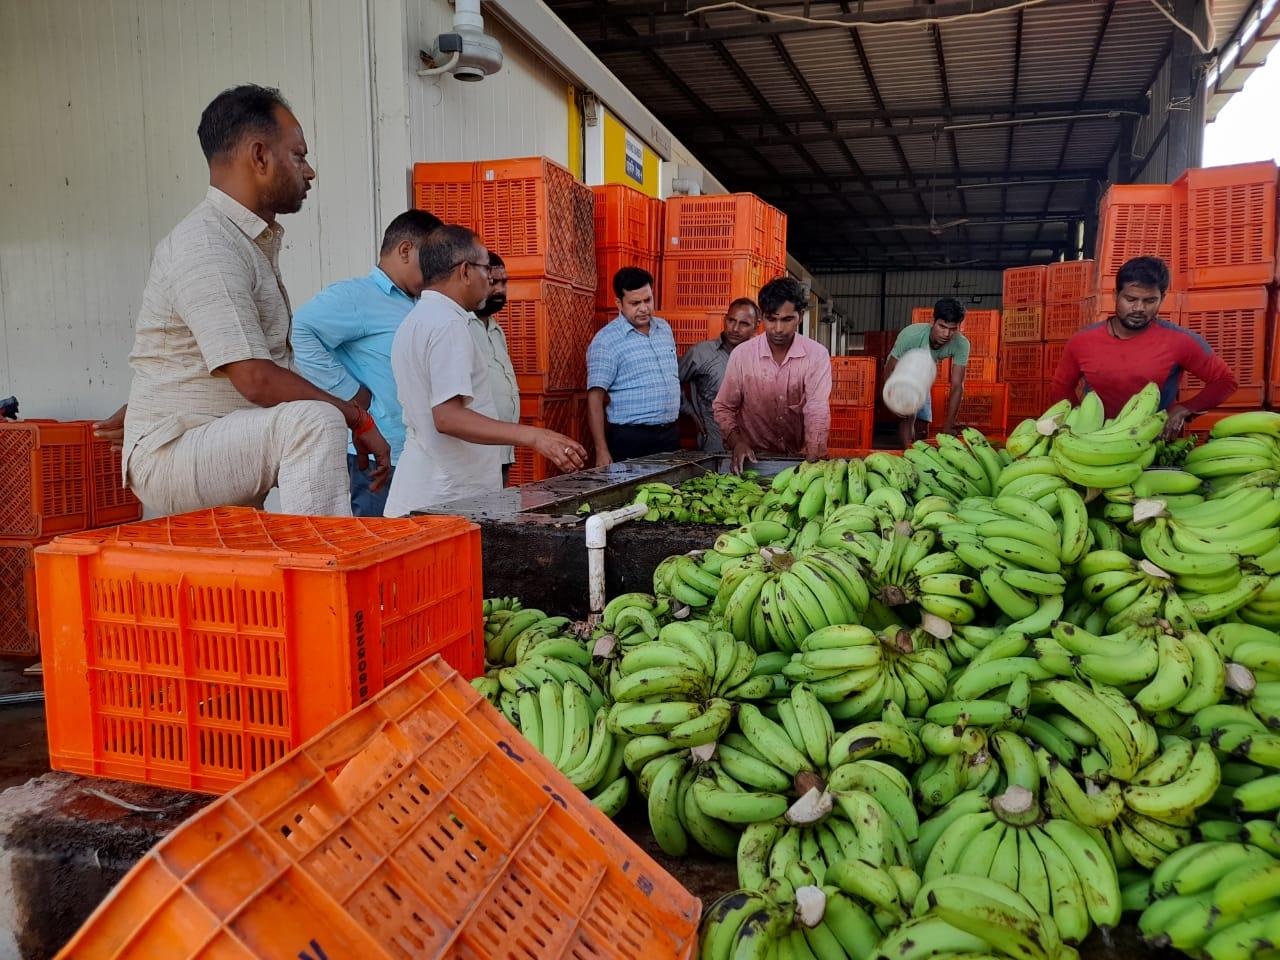 खाद्य सुरक्षा एवं औषधि प्रशासन ने नवरात्रों में खाद्य सामिग्री में मिलावट खोरों के खिलाफ कार्यवाही करते हुए फल विक्रेताओं और किराना स्टोर संचालकों के यहाँ छापा मारा - Dainik Bhaskar